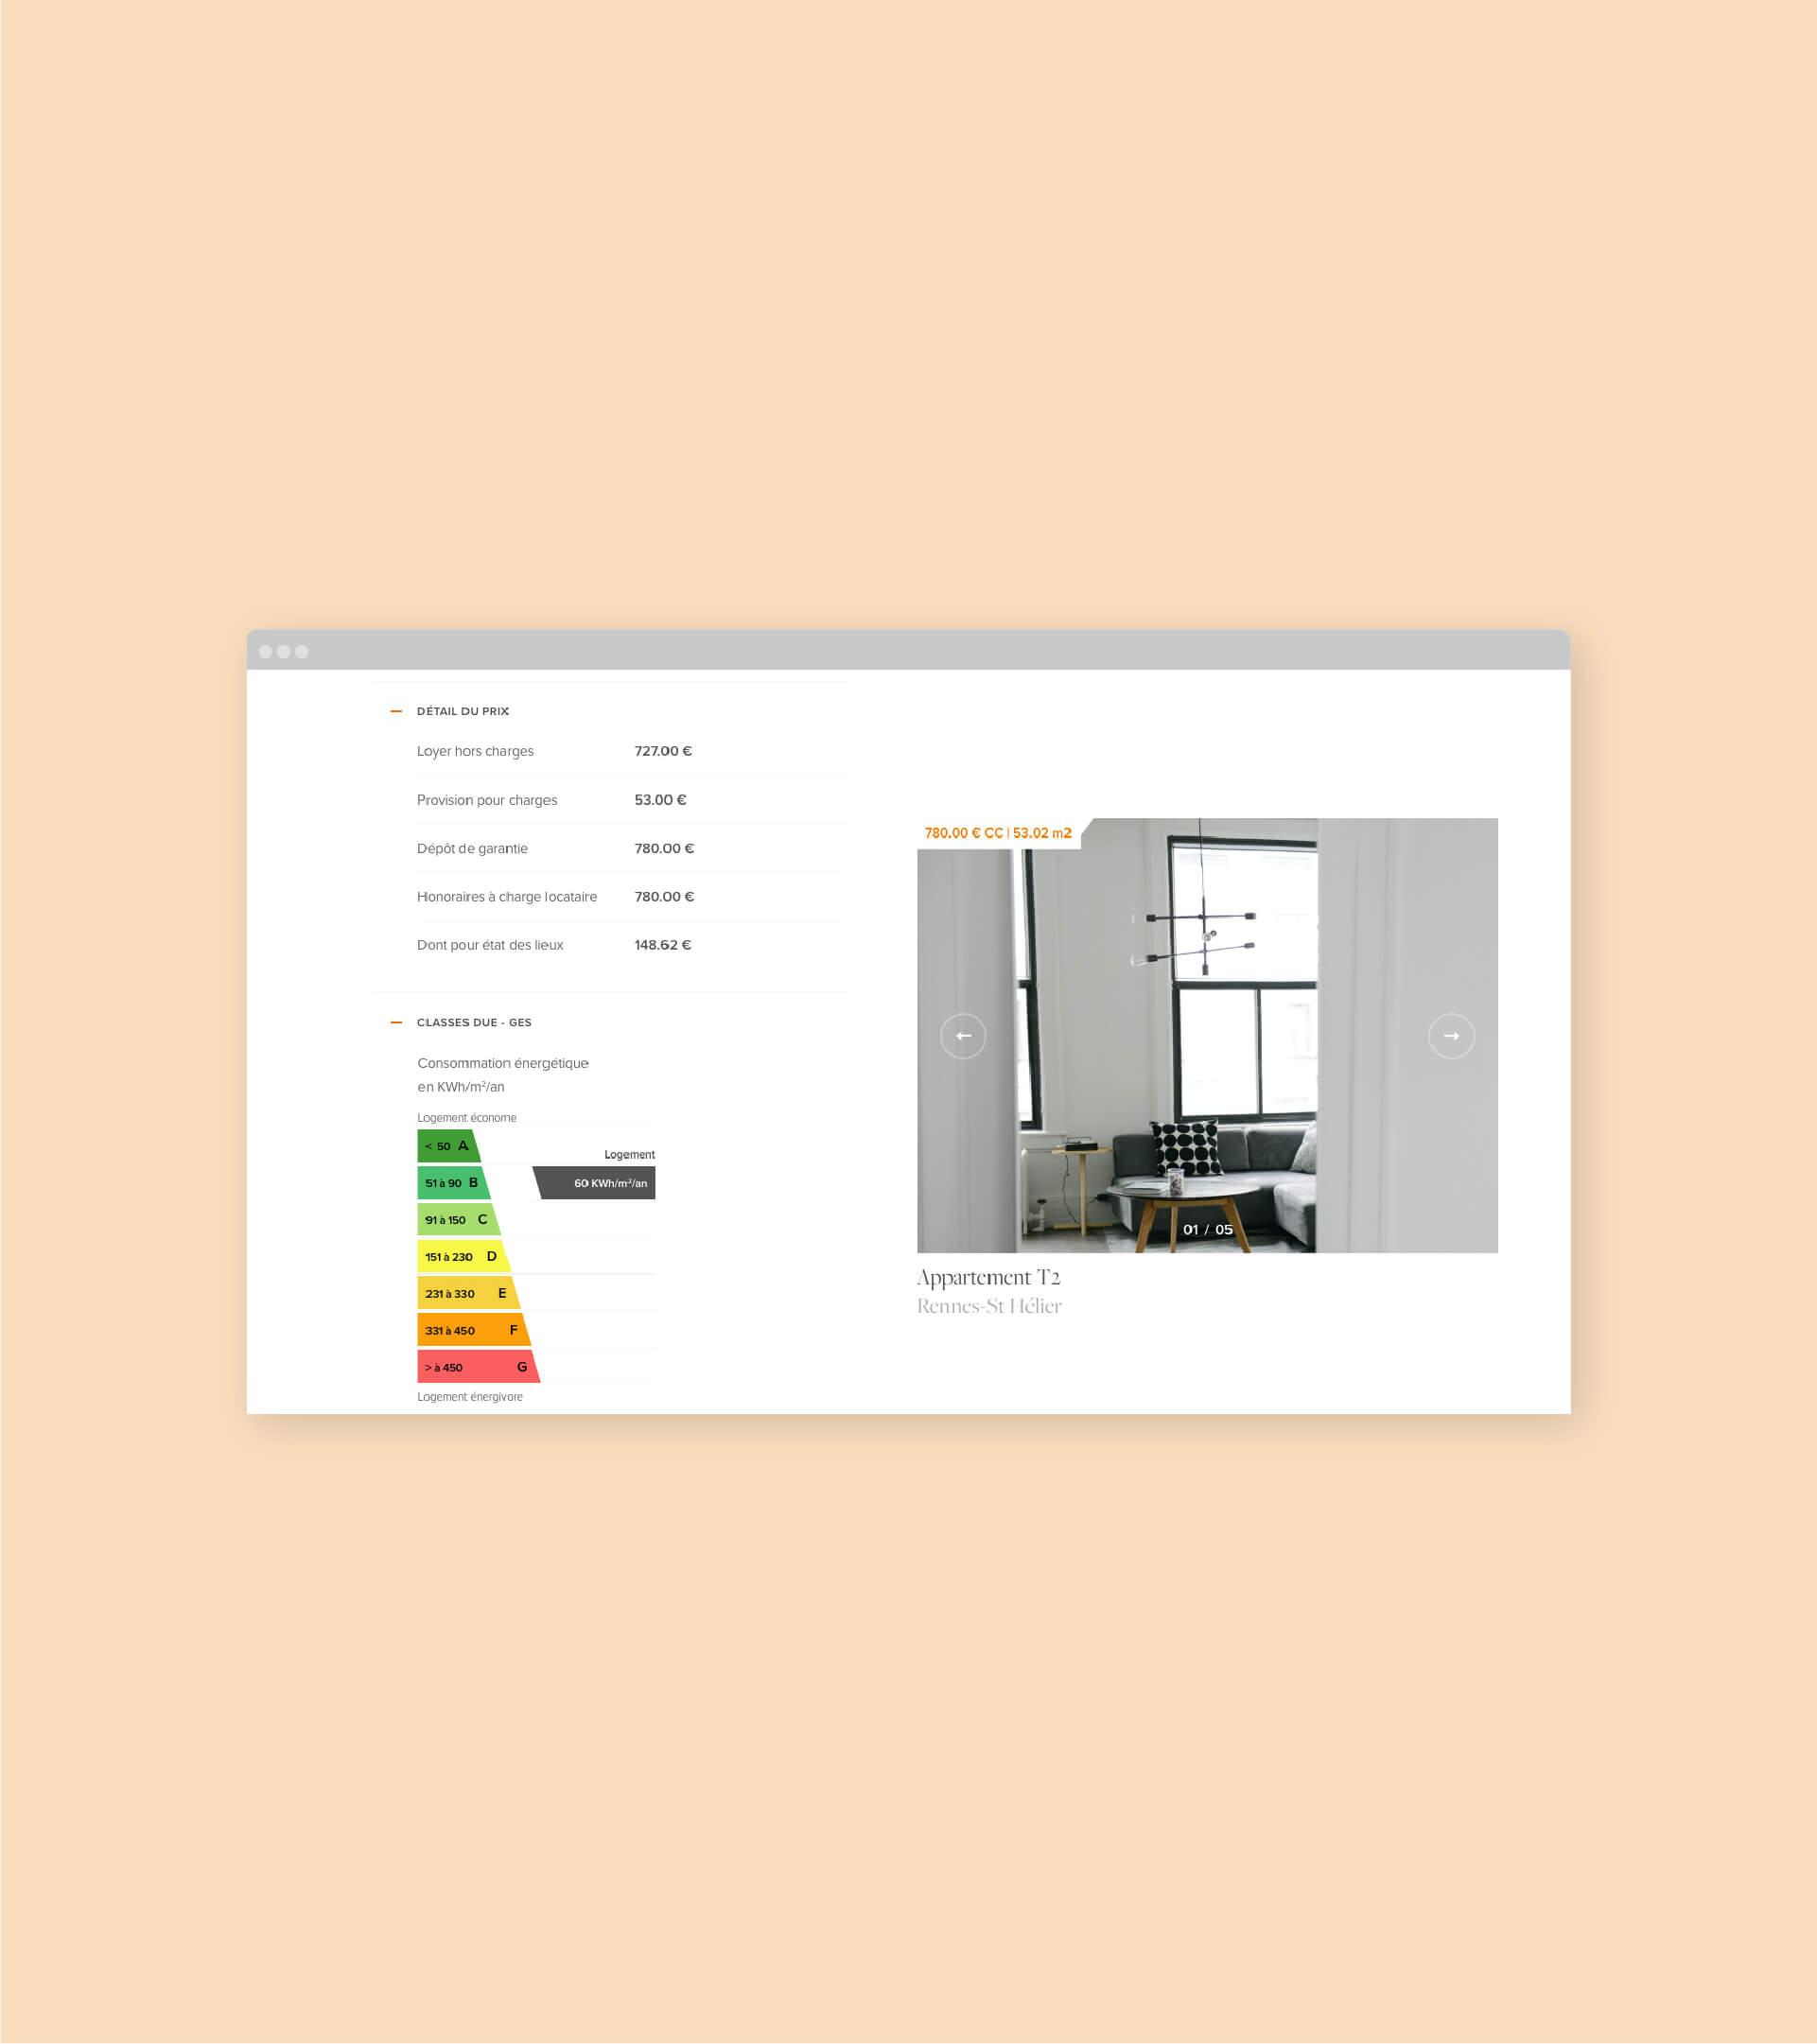 Page détail annonce immobilière du site Suggestion en version desktop